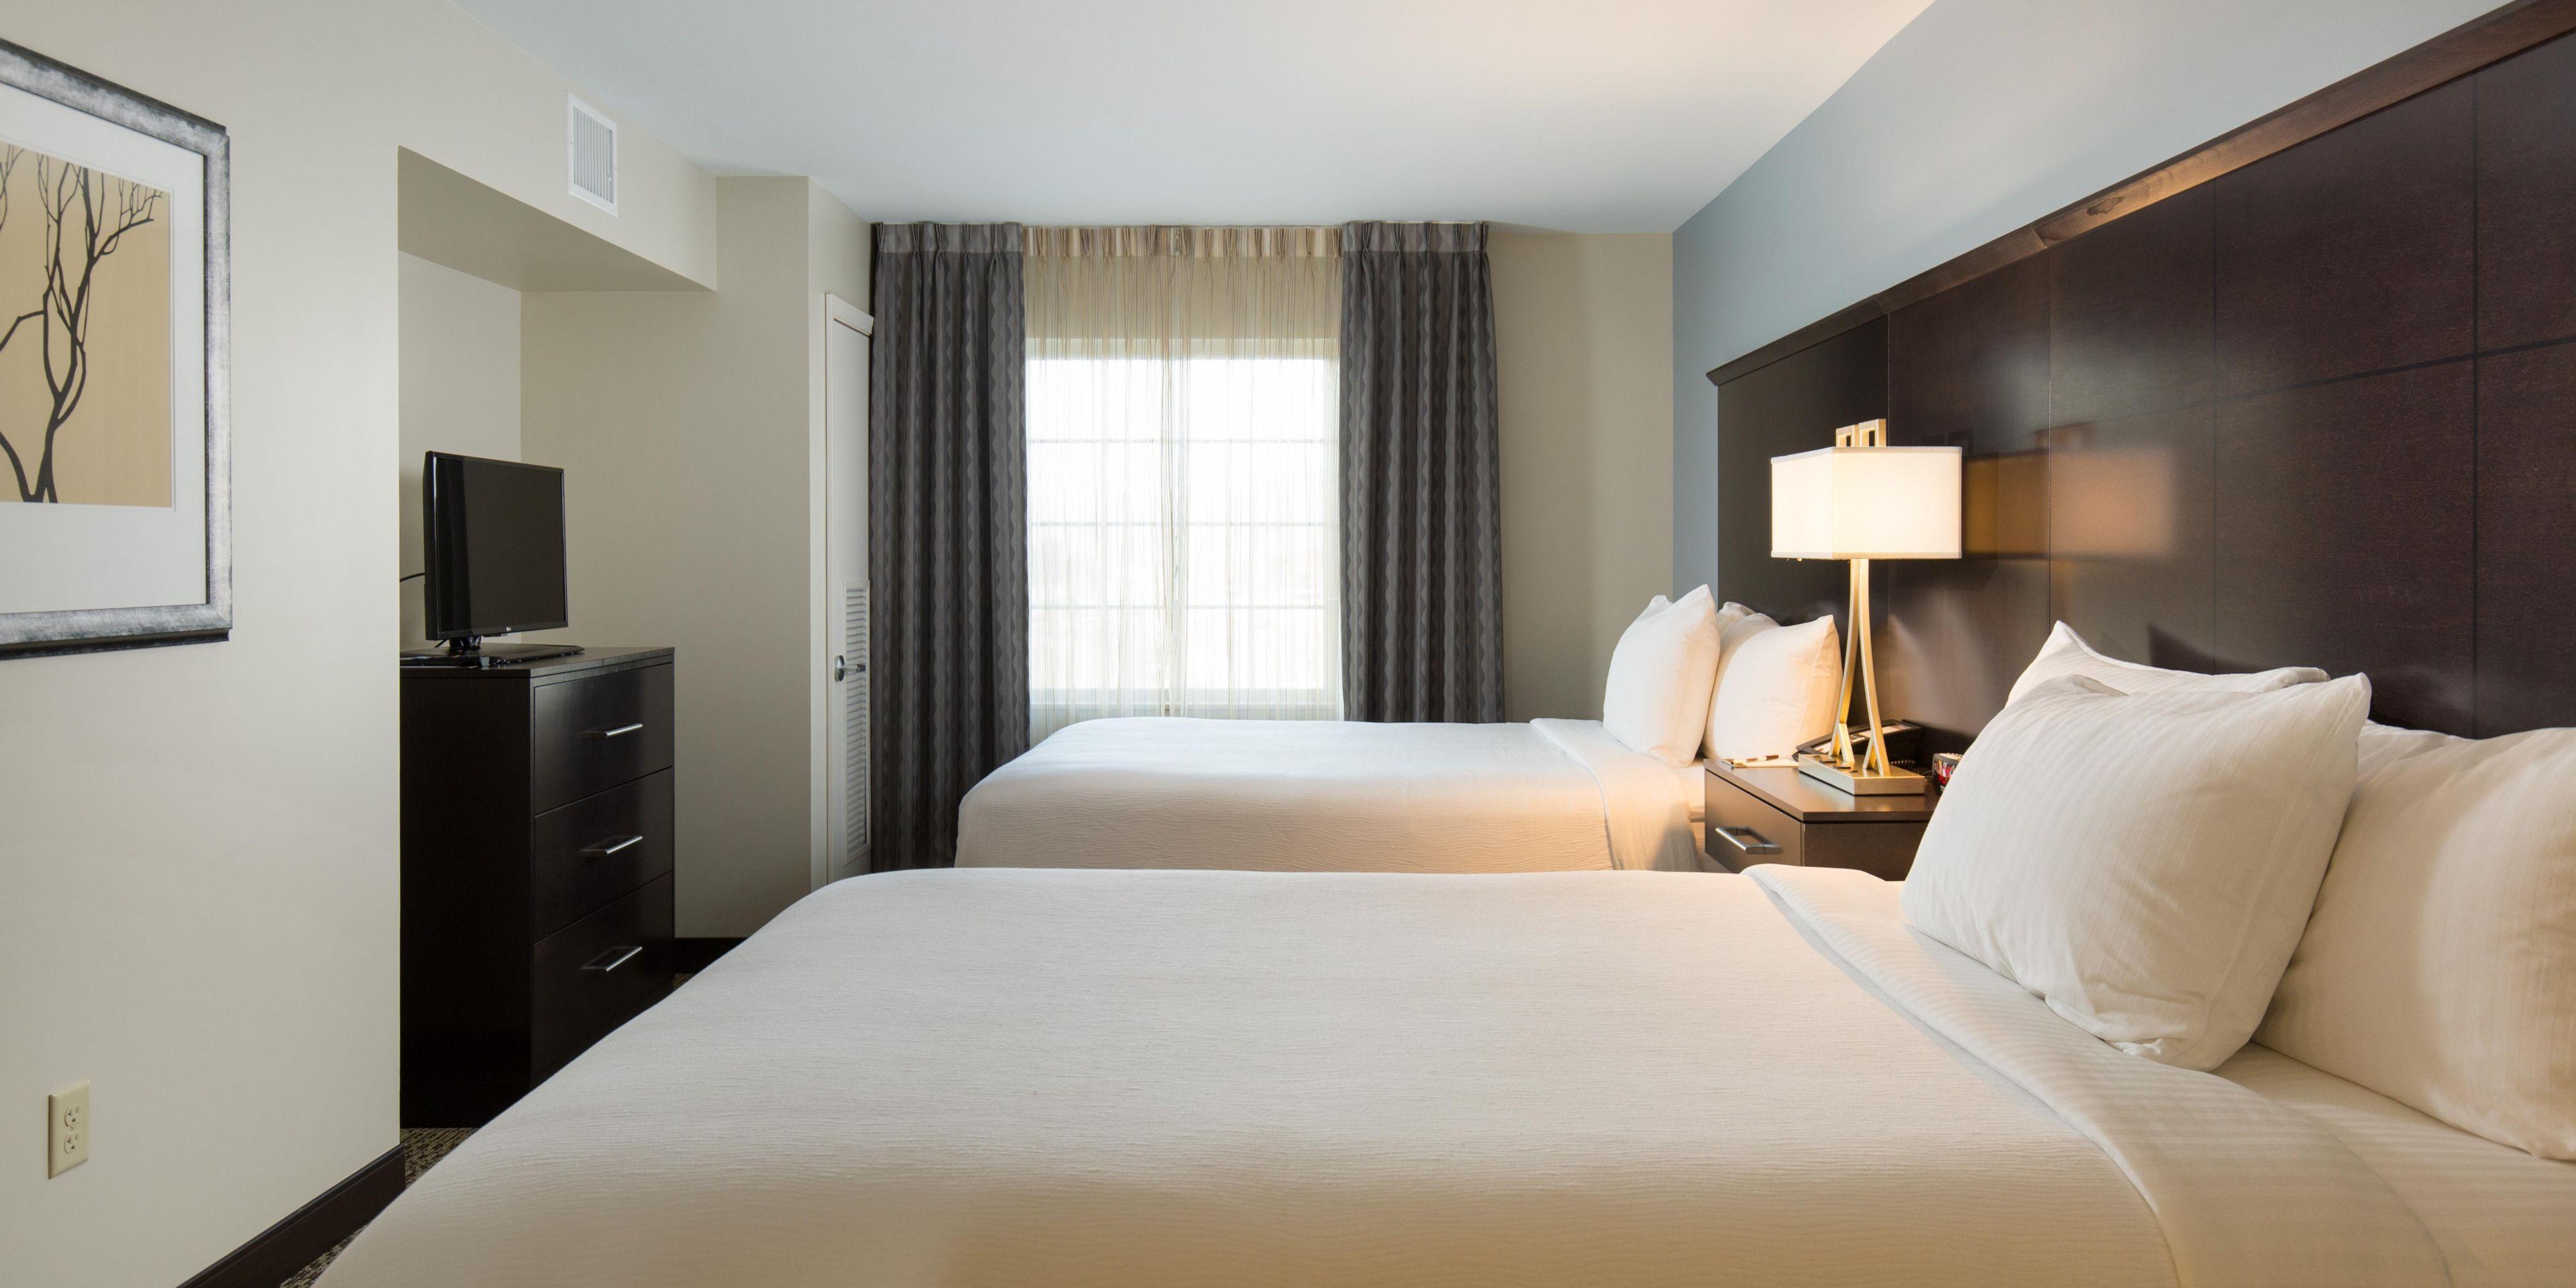 Staybridge Suites Corona South image 1